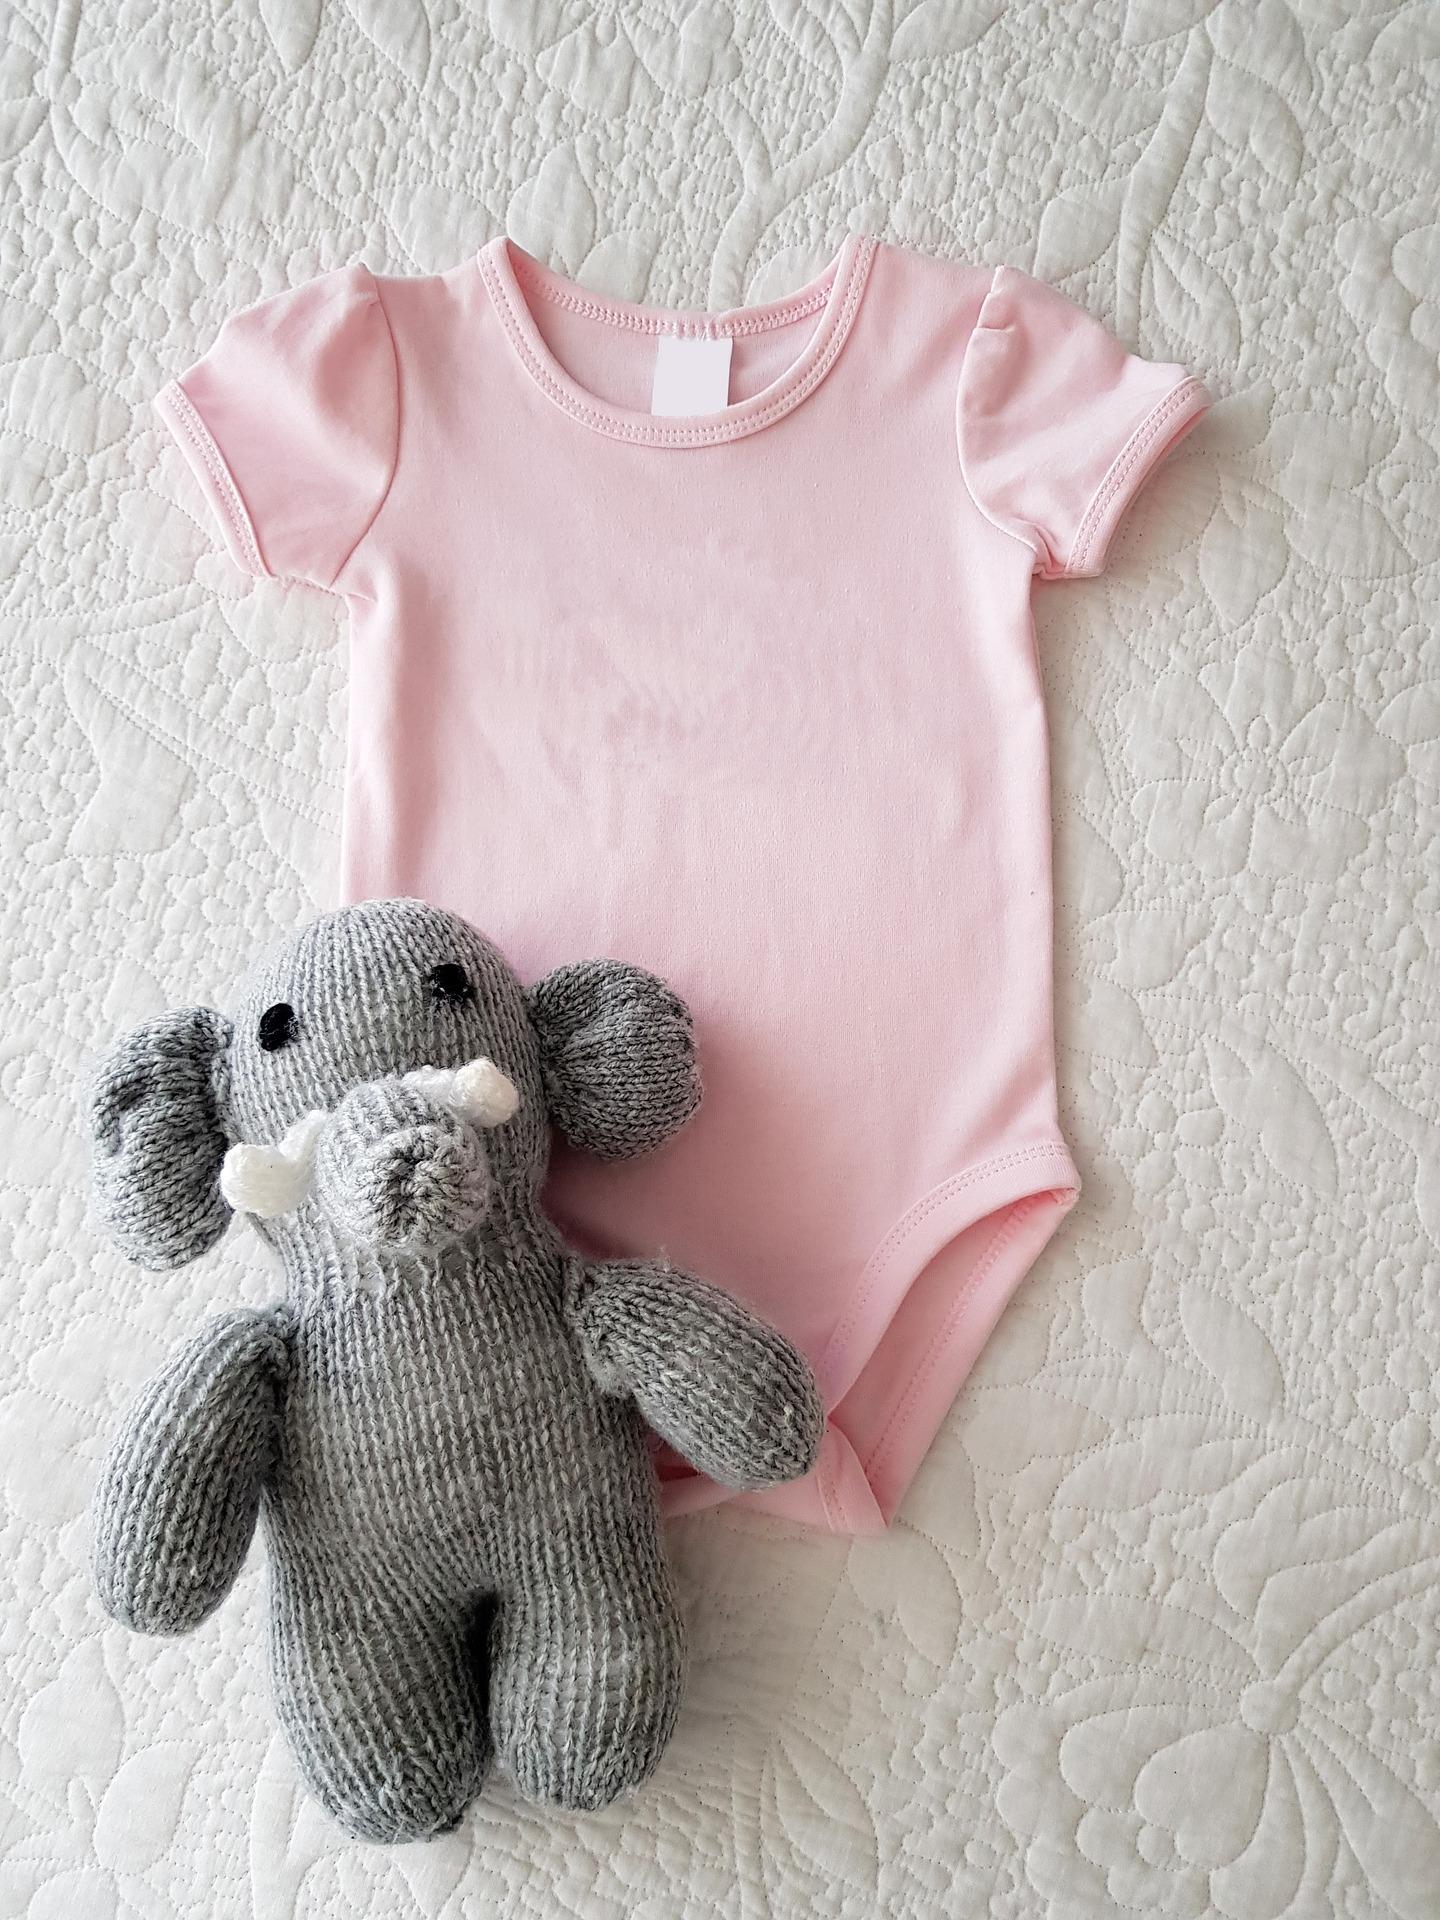 Spécial produits bébé